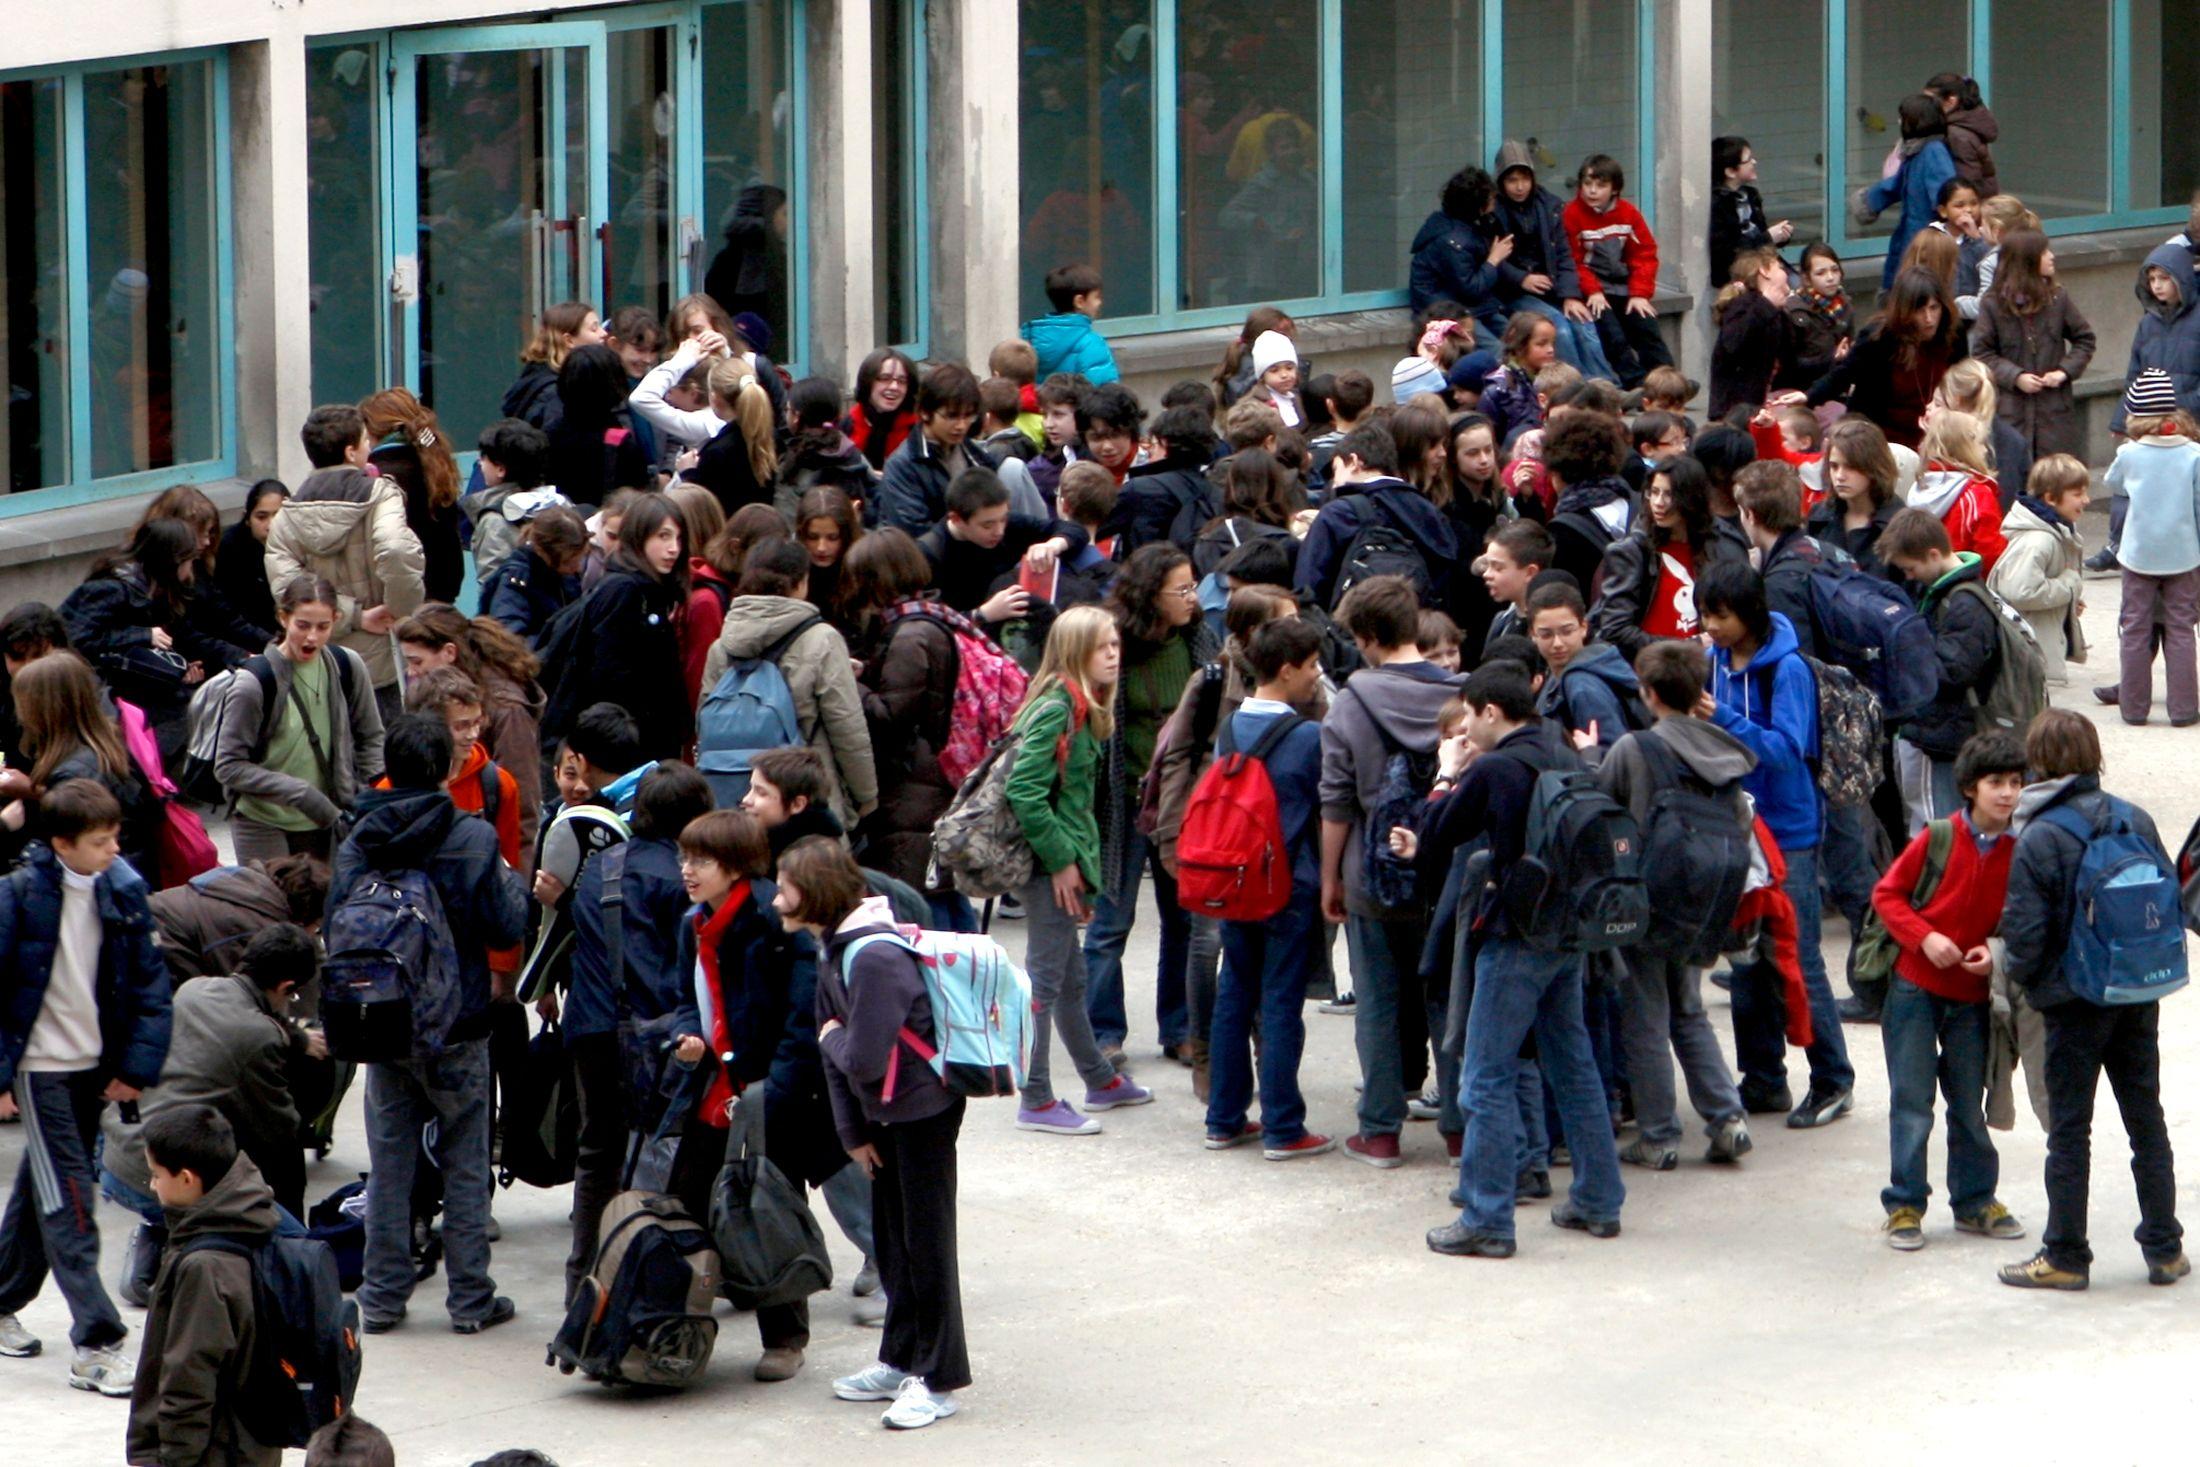 Plusieurs enseignants ont fait face à des élèves qui ne voulaient pas rendre hommage à Charlie Hebdo (photo d'archive).